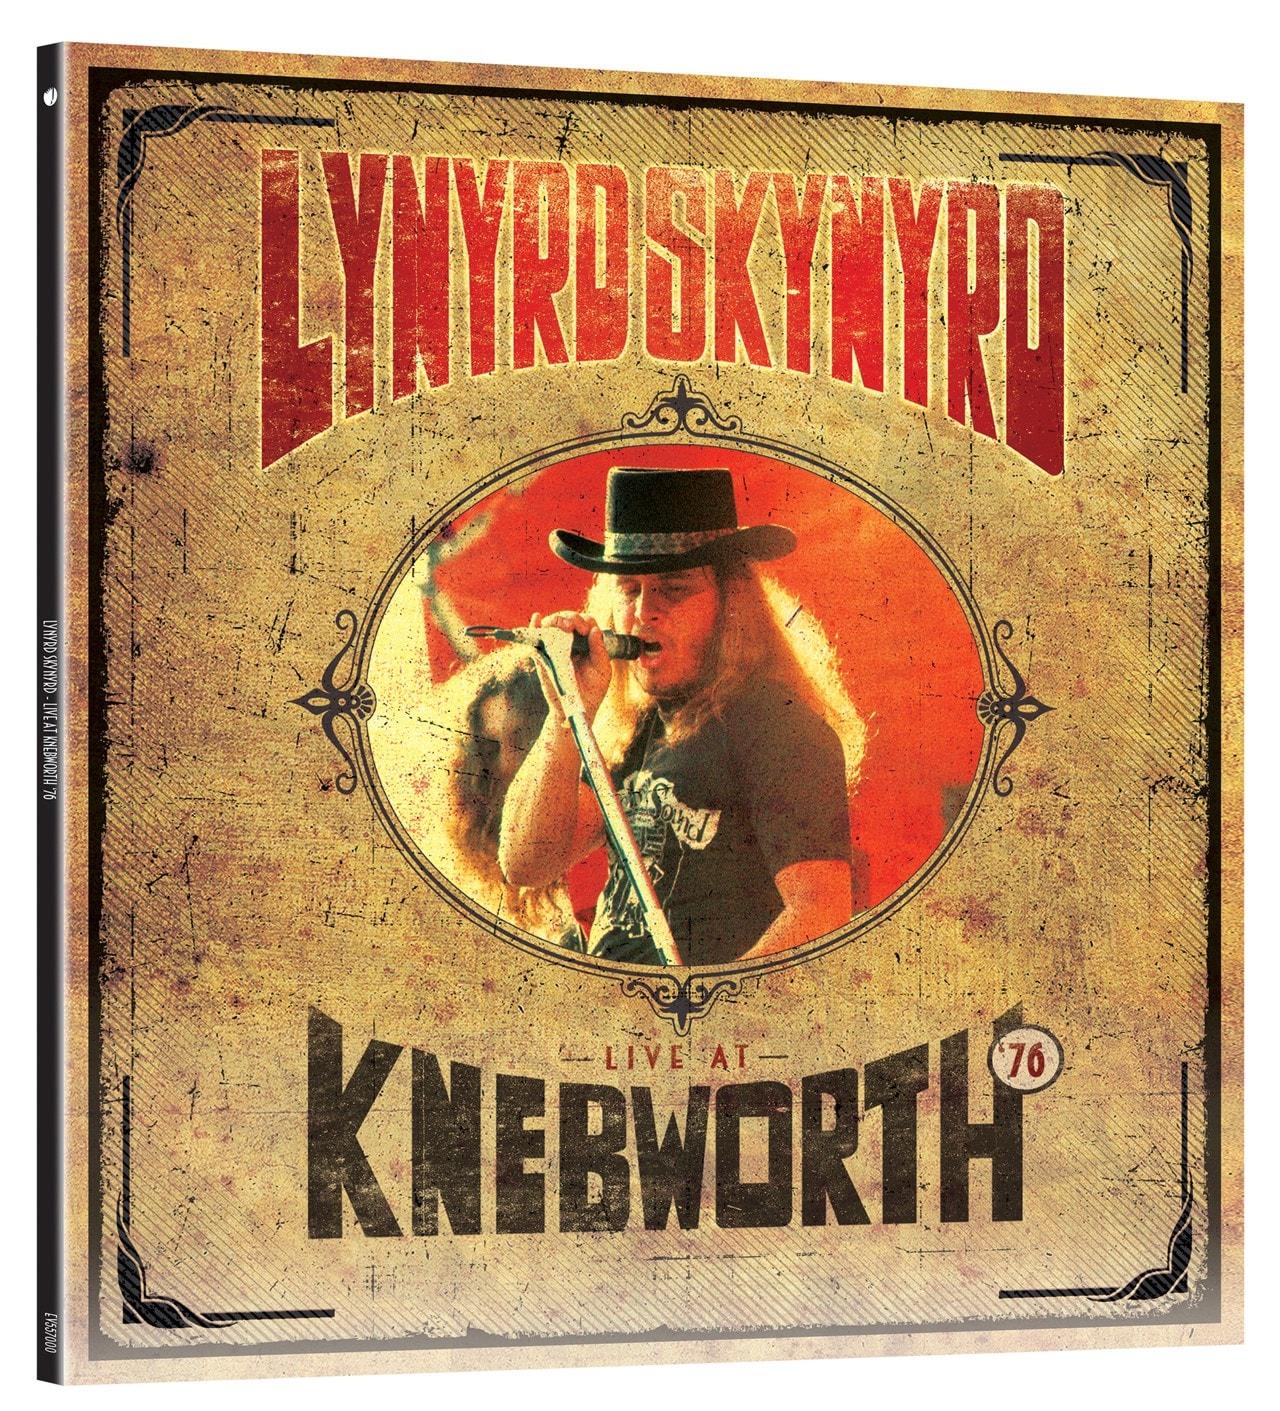 Lynyrd Skynyrd: Live at Knebworth '76 - 3